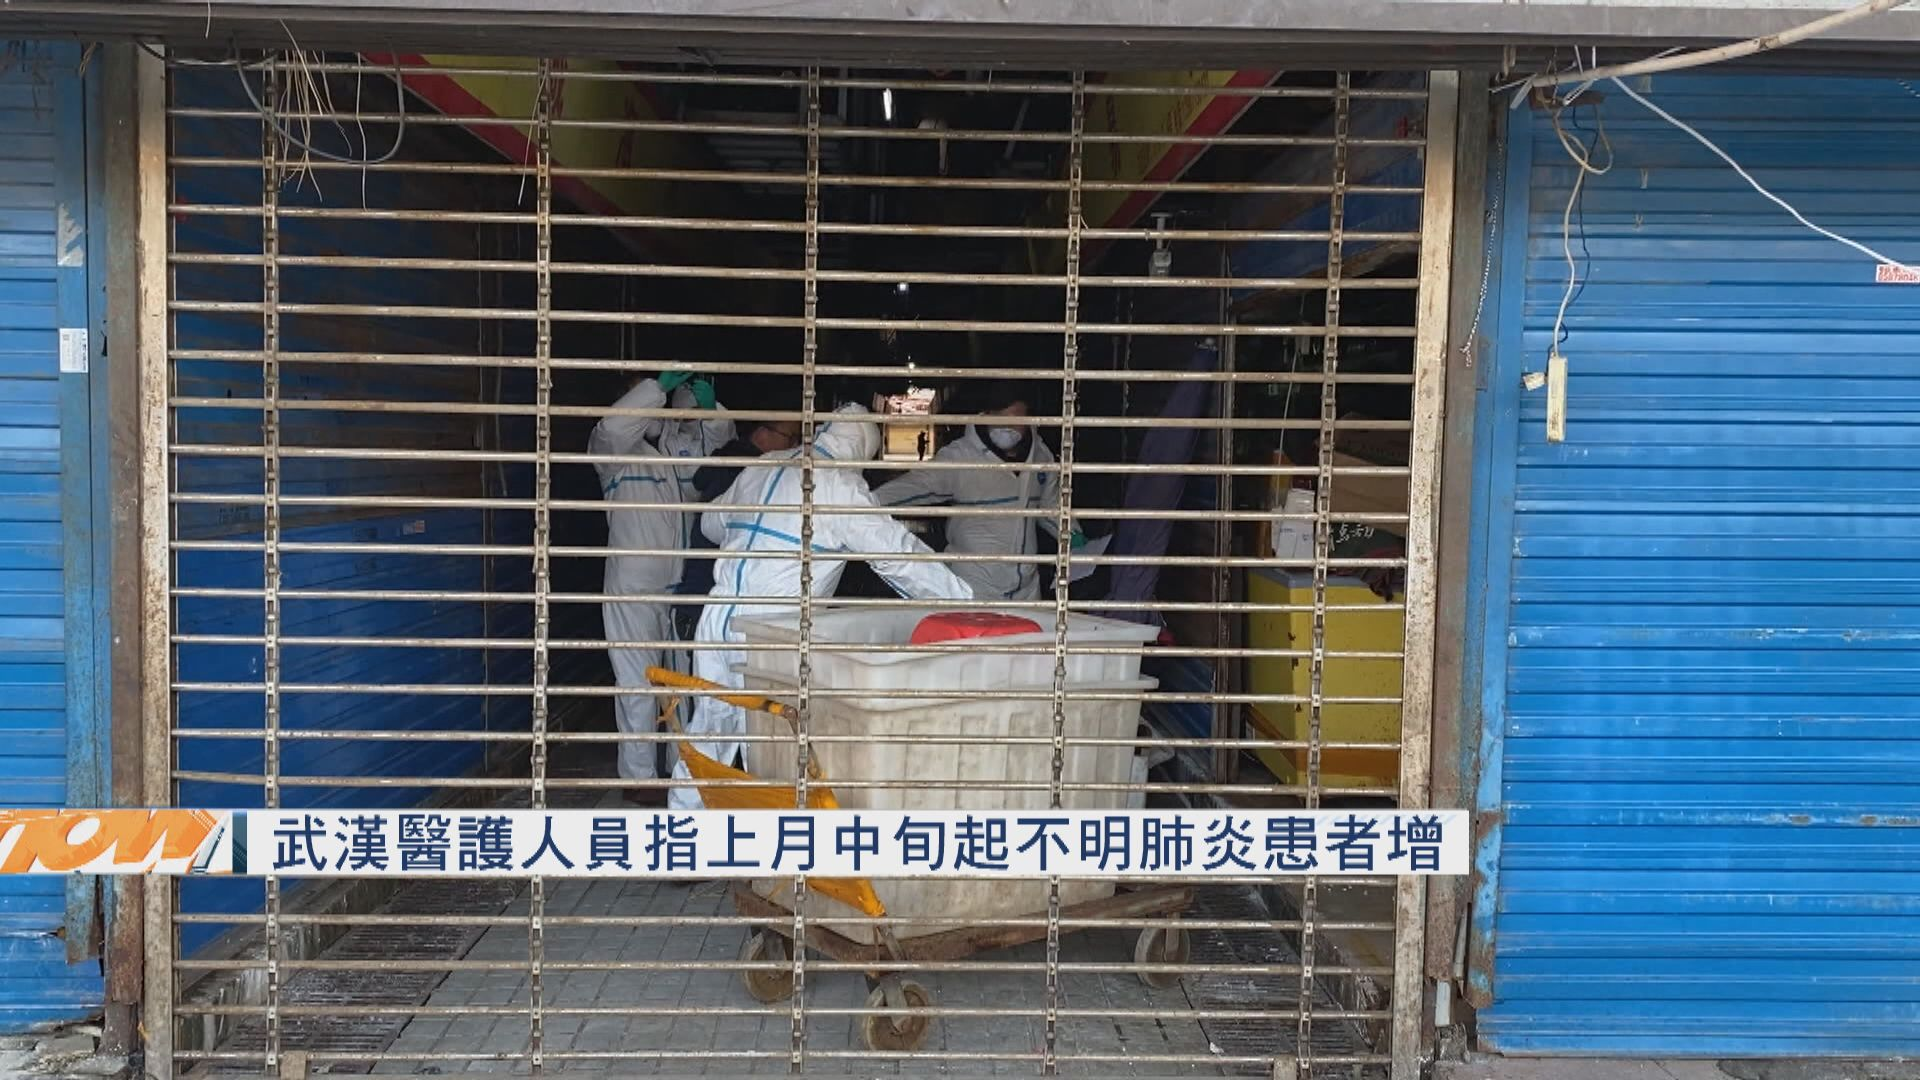 武漢醫護人員指上月中旬起不明肺炎患者增